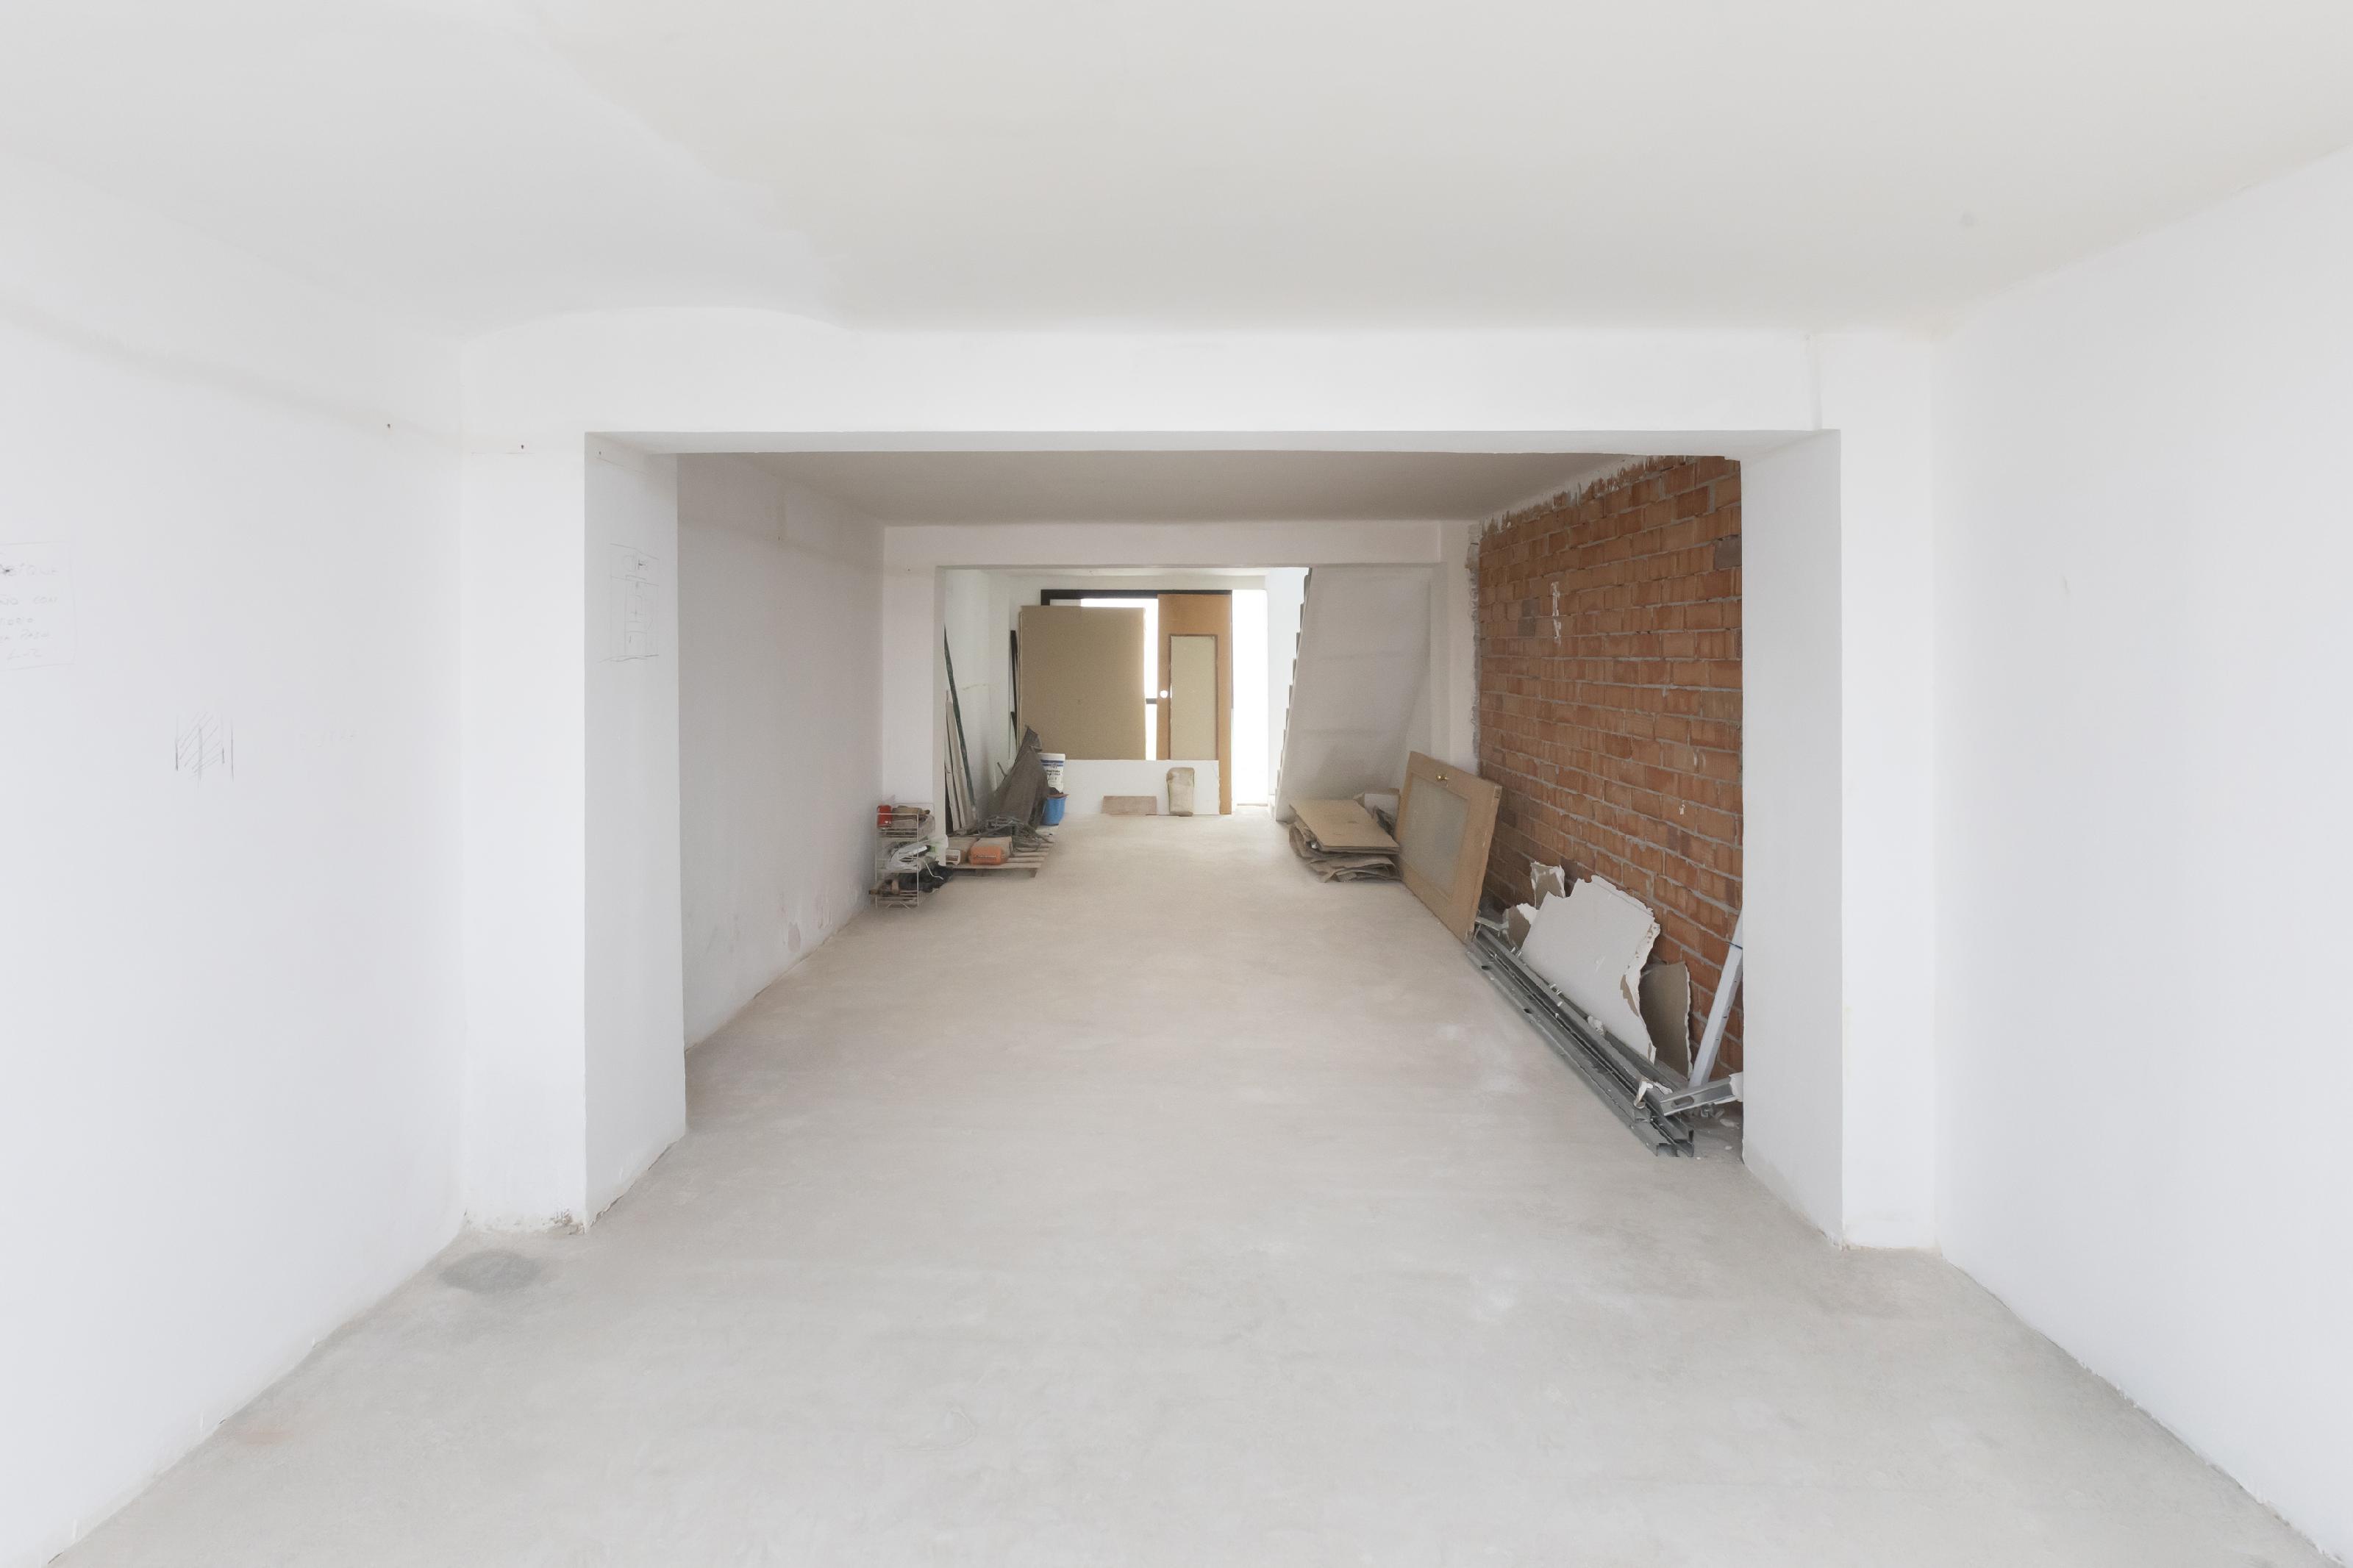 253983 Loft for sale in Gràcia, Vila de Gràcia 6